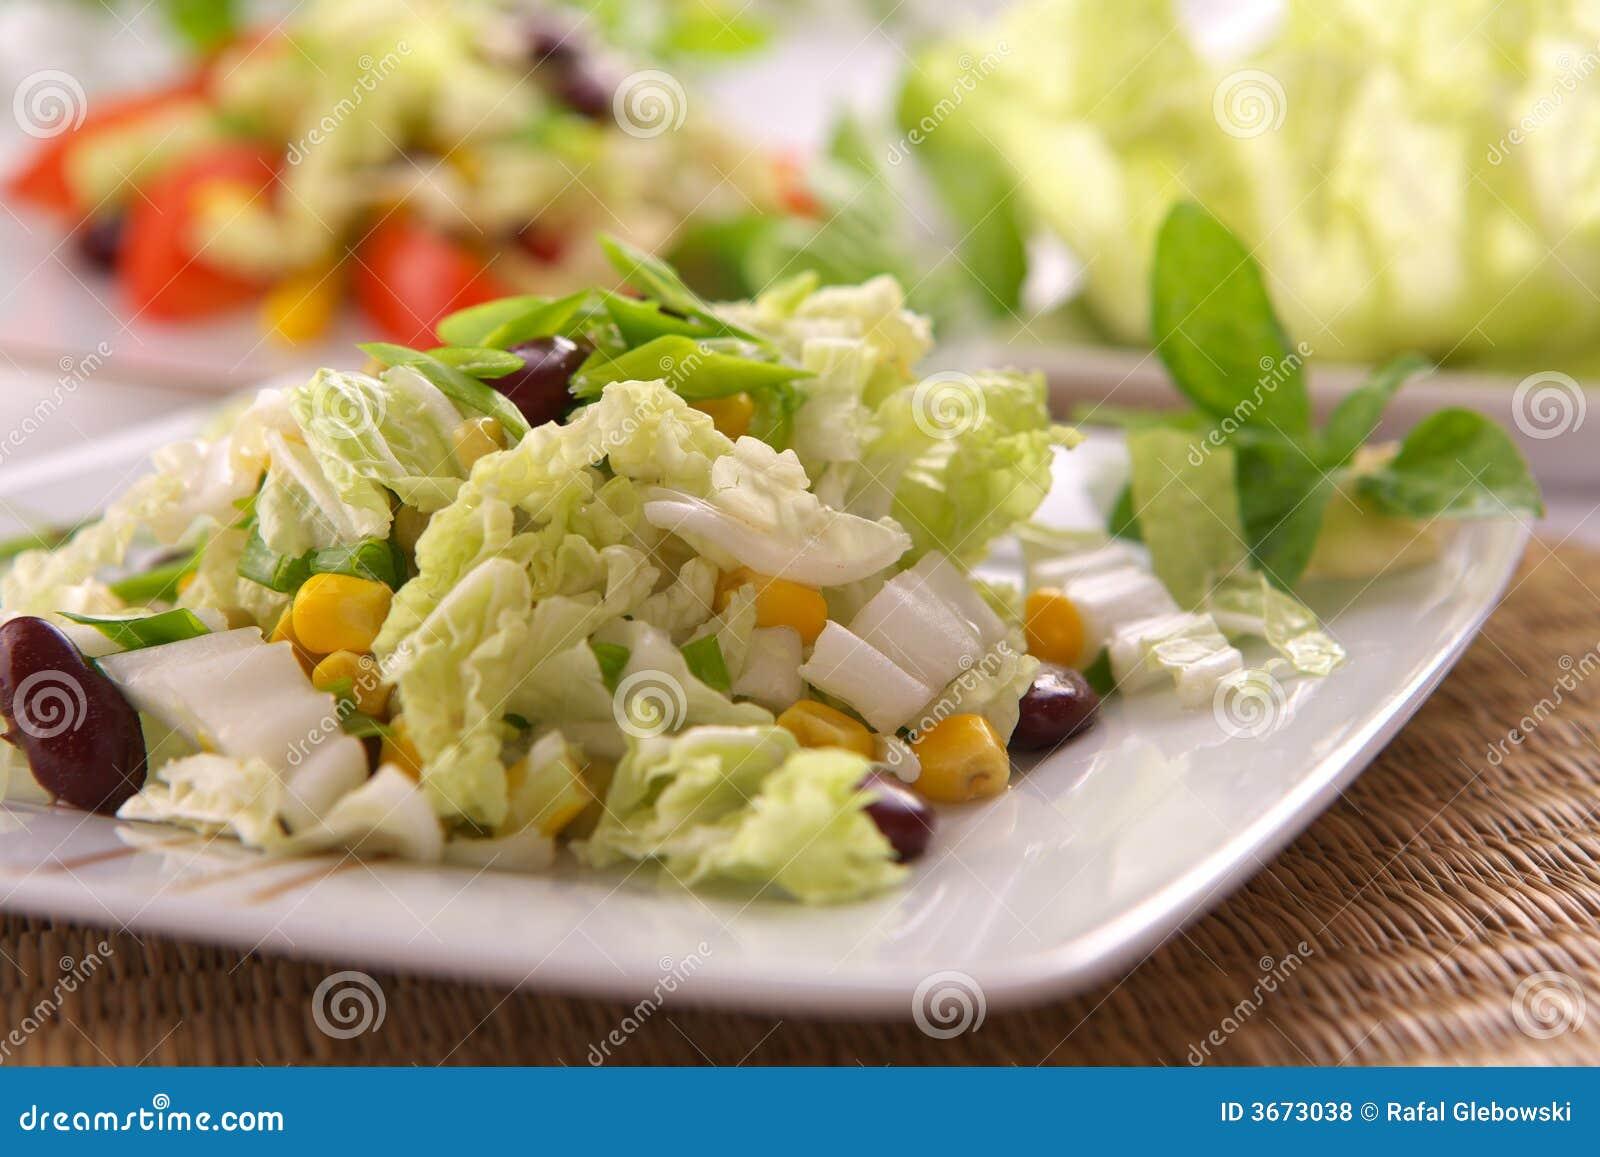 新鲜的沙拉素食主义者